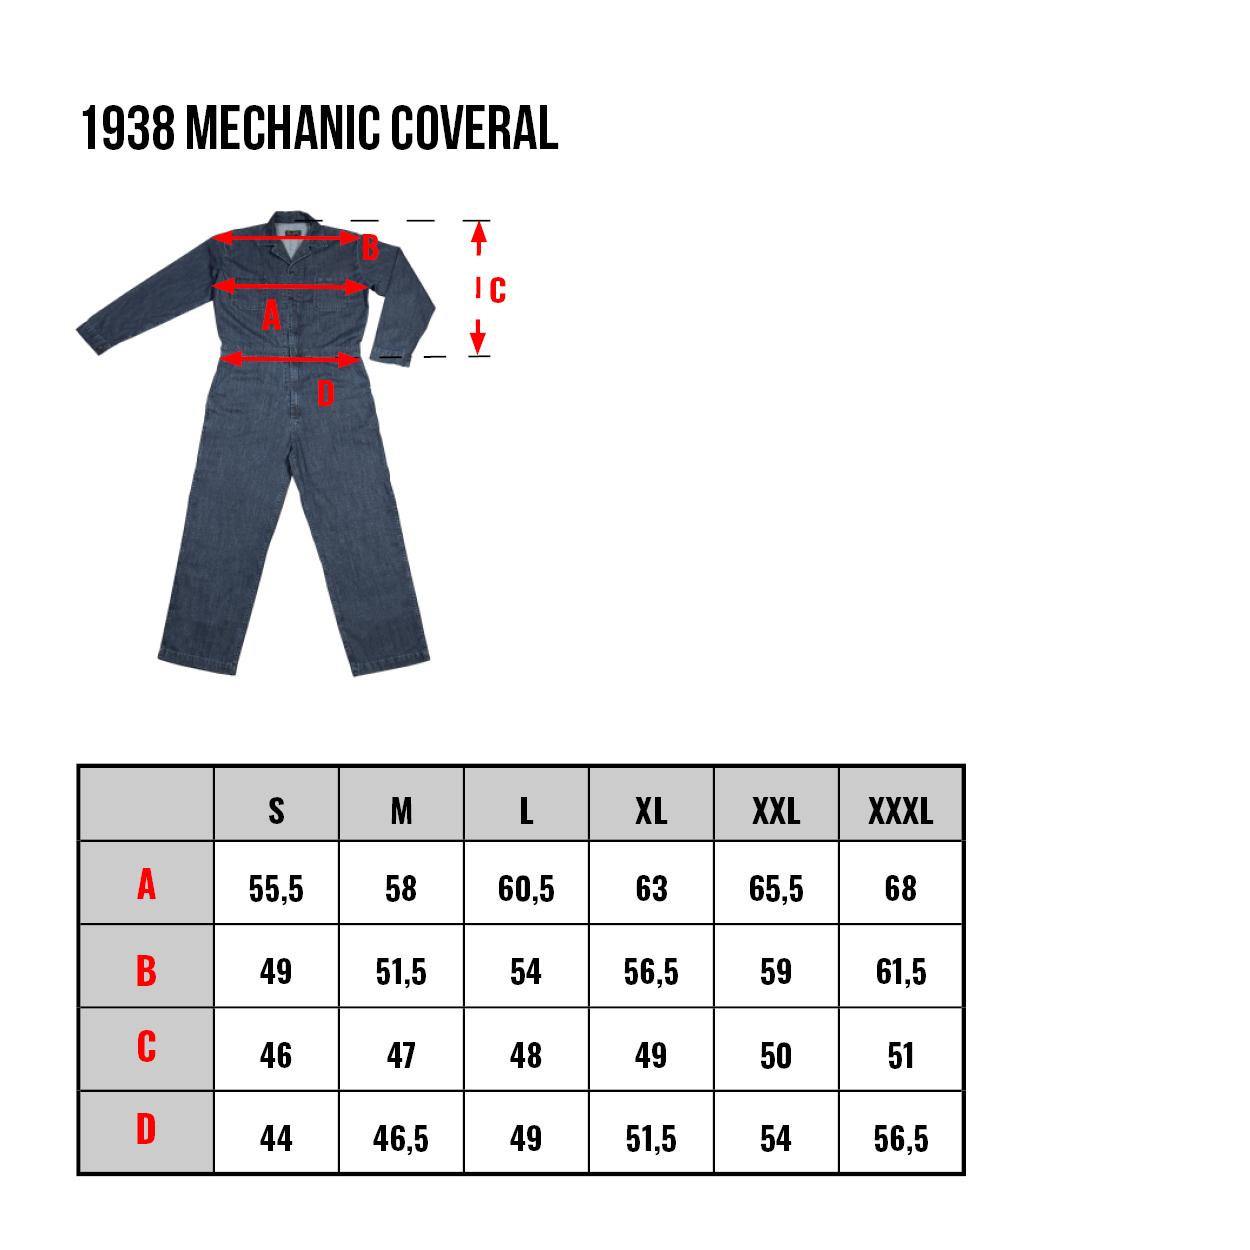 combinaison mécanicien années 40